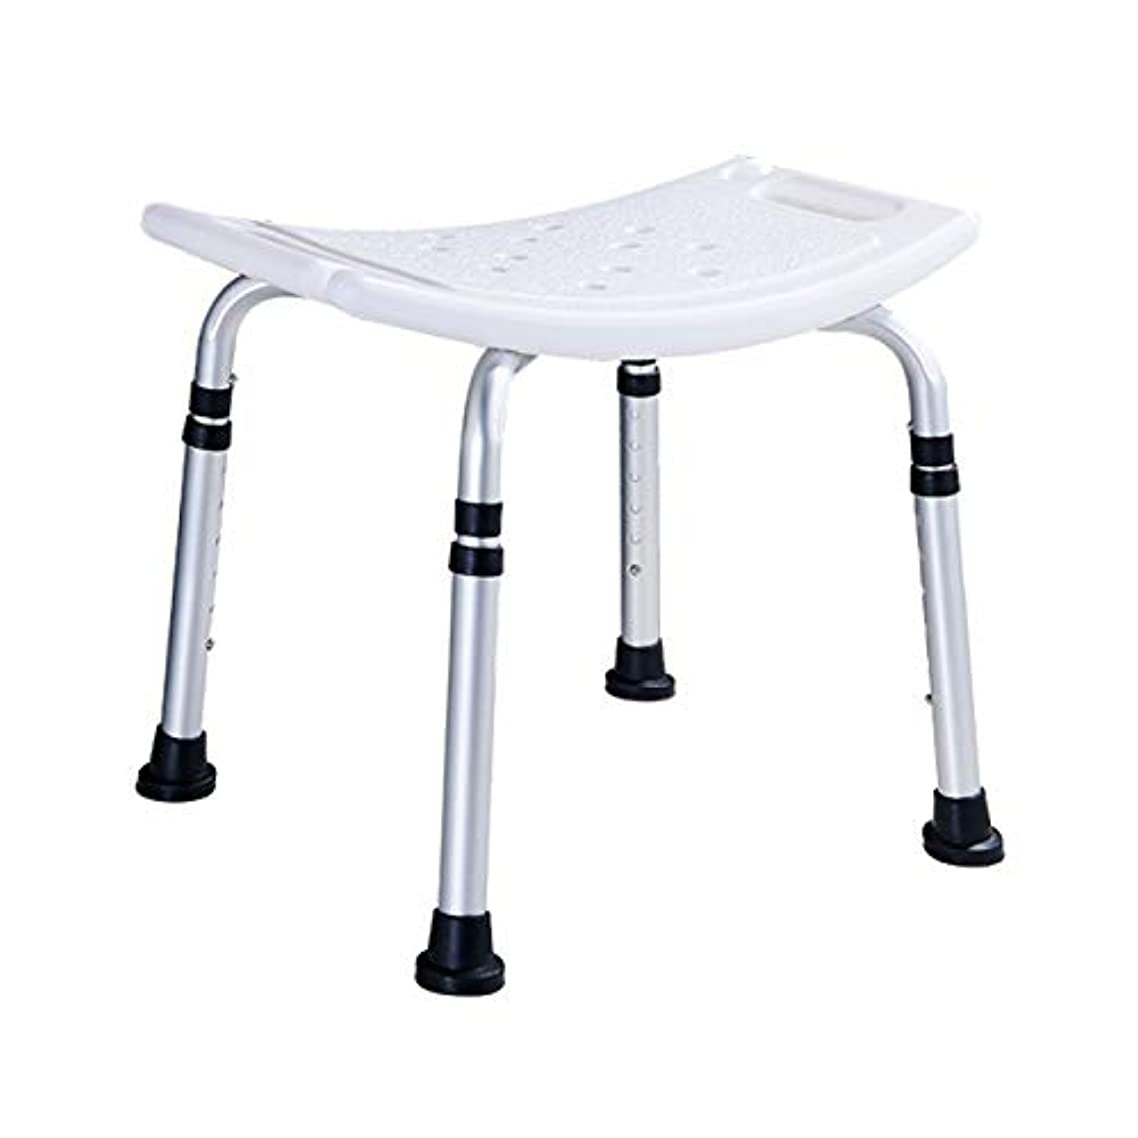 ミルクダッシュフェッチ浴槽/シャワーチェア、高さ調節可能な脚付きバスルームシート、エルゴノミックスツール排水管スリップ成人/高齢者/身体障害者